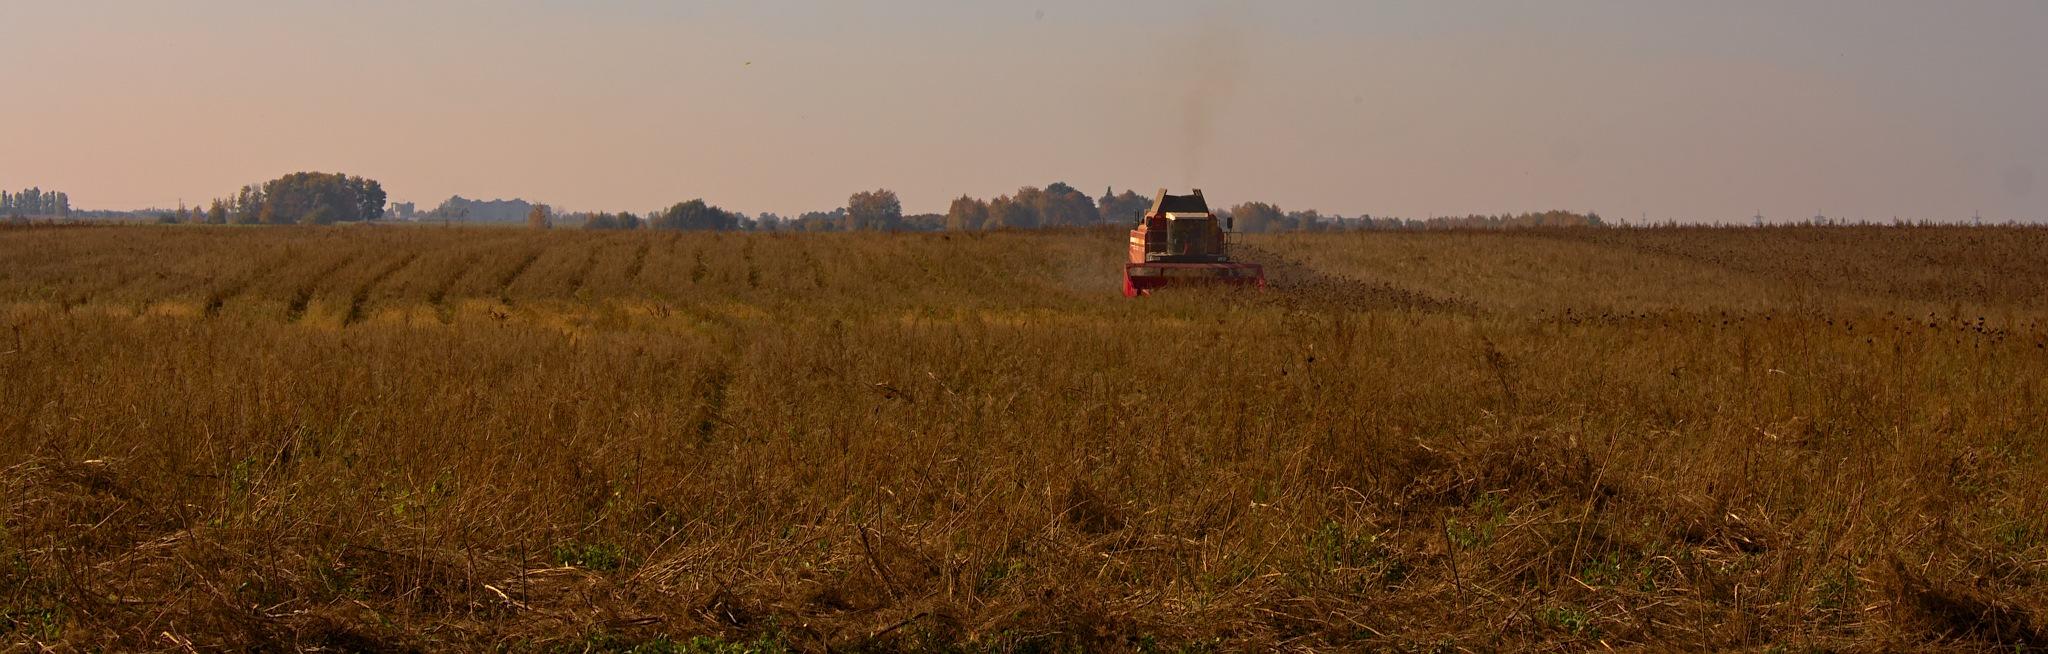 Working in the fields by Евгений Козлов